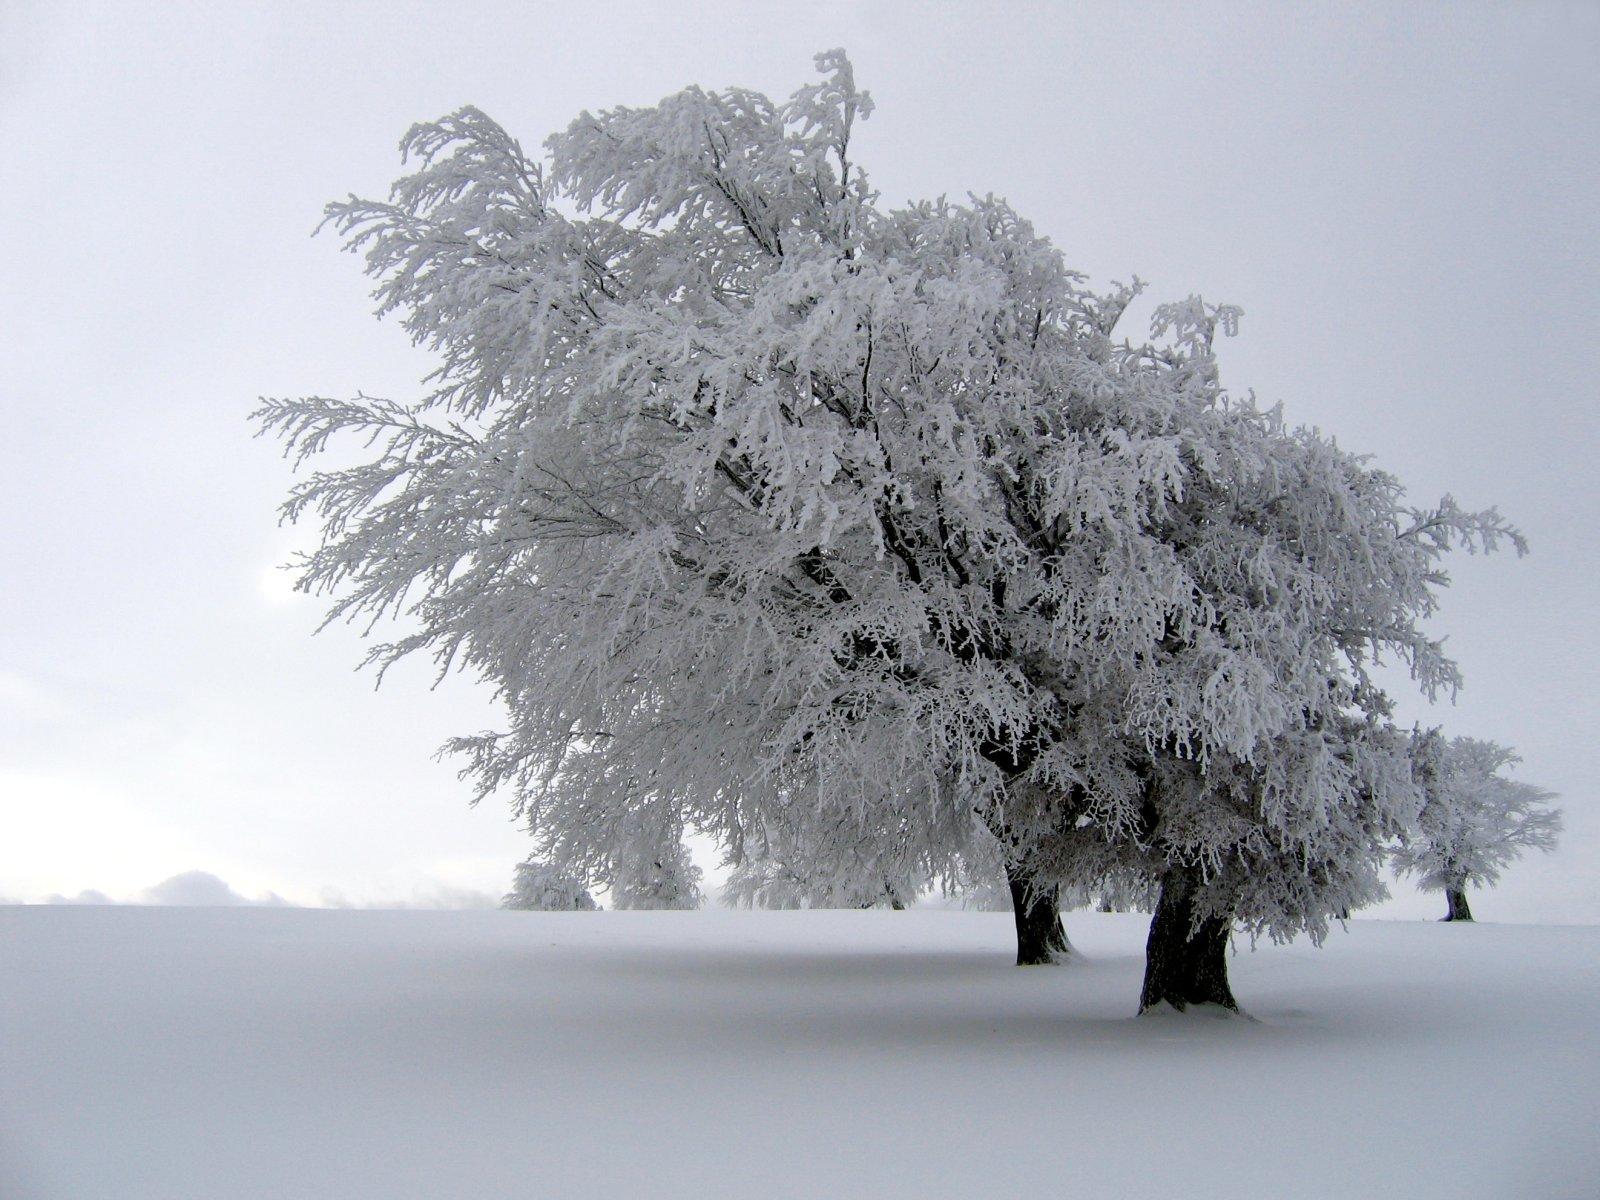 Зима, снег, дерево, мороз, обои для рабочего стола